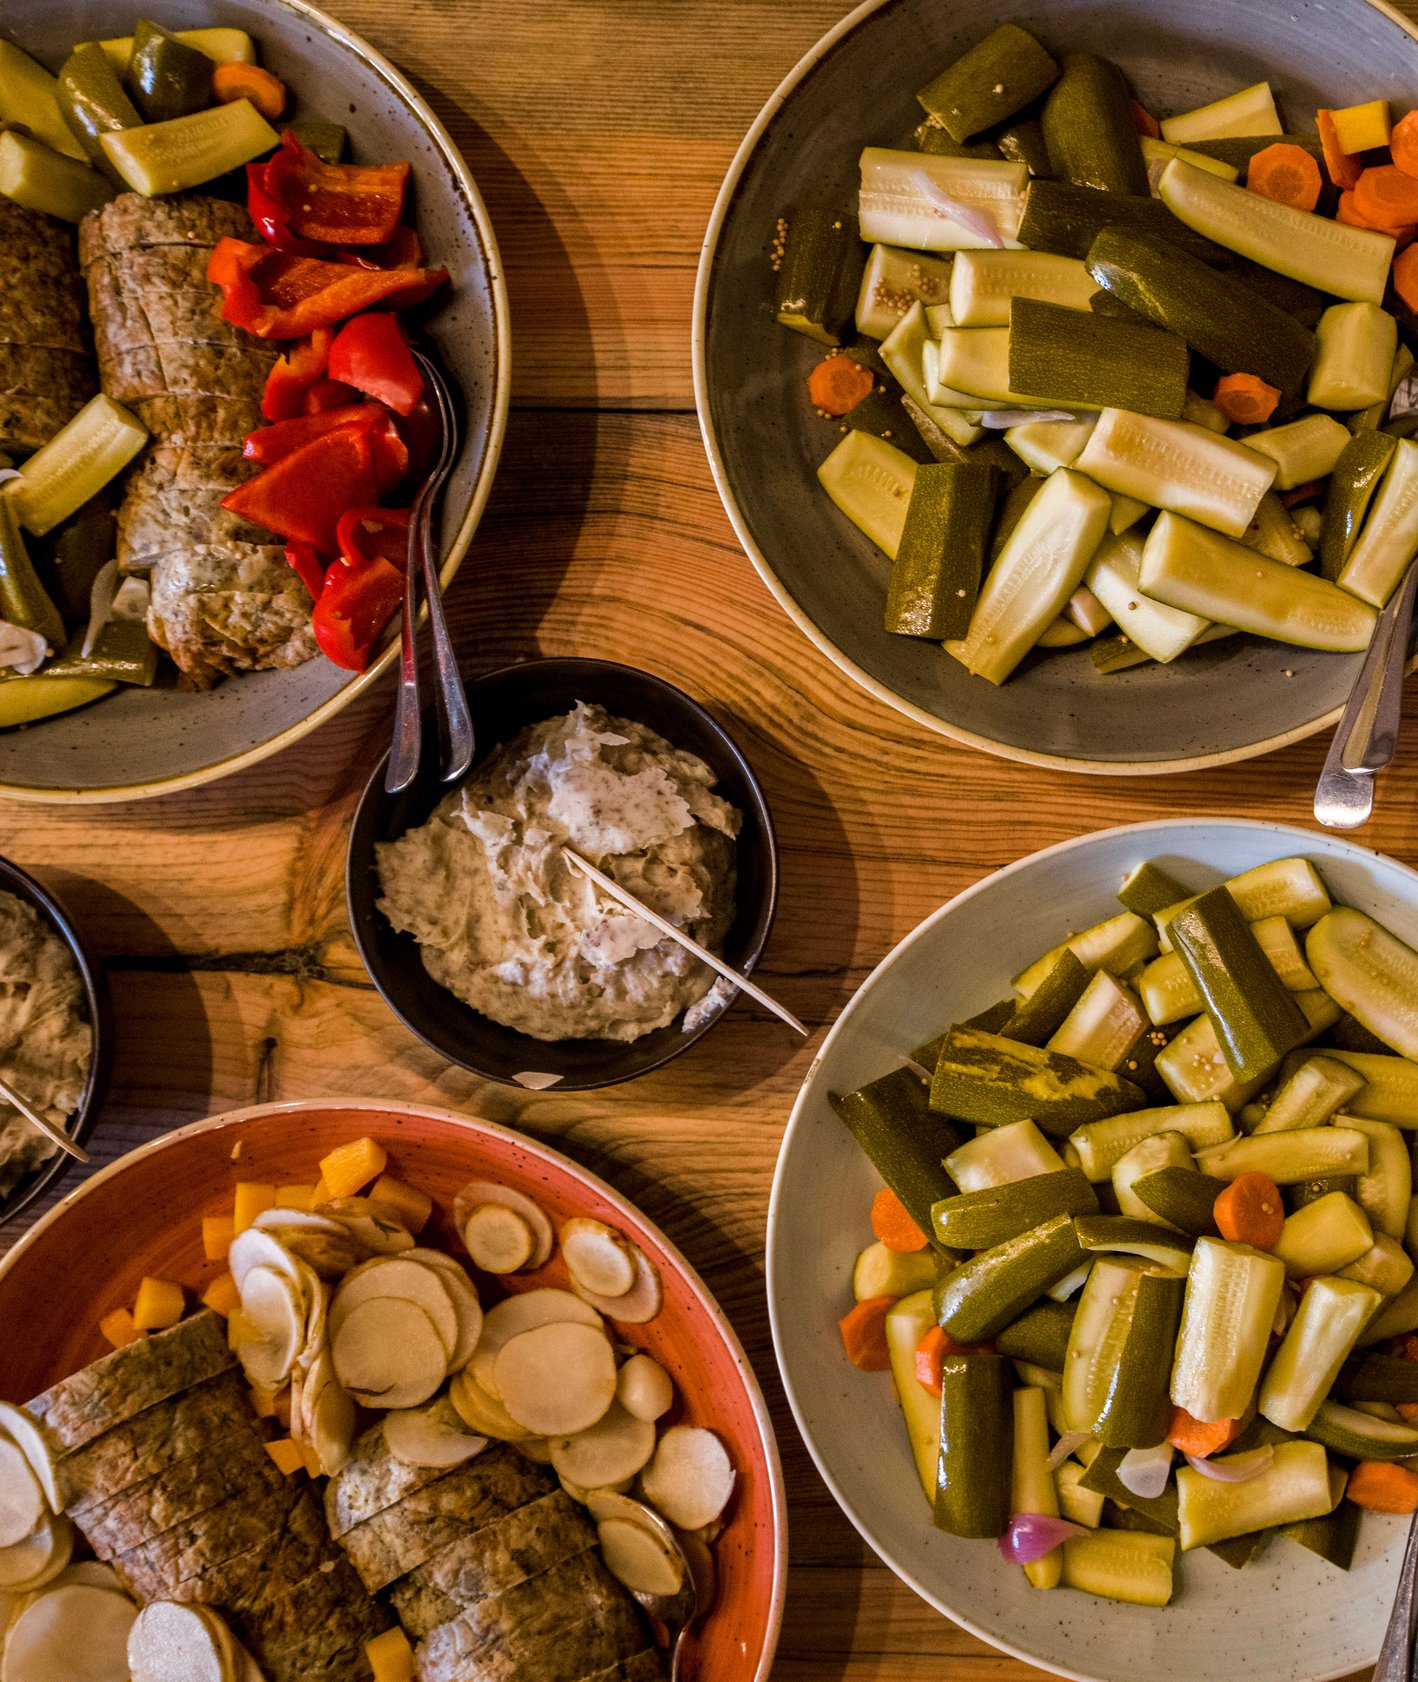 Regionalne warzywne potrawy w głębokich talerzach